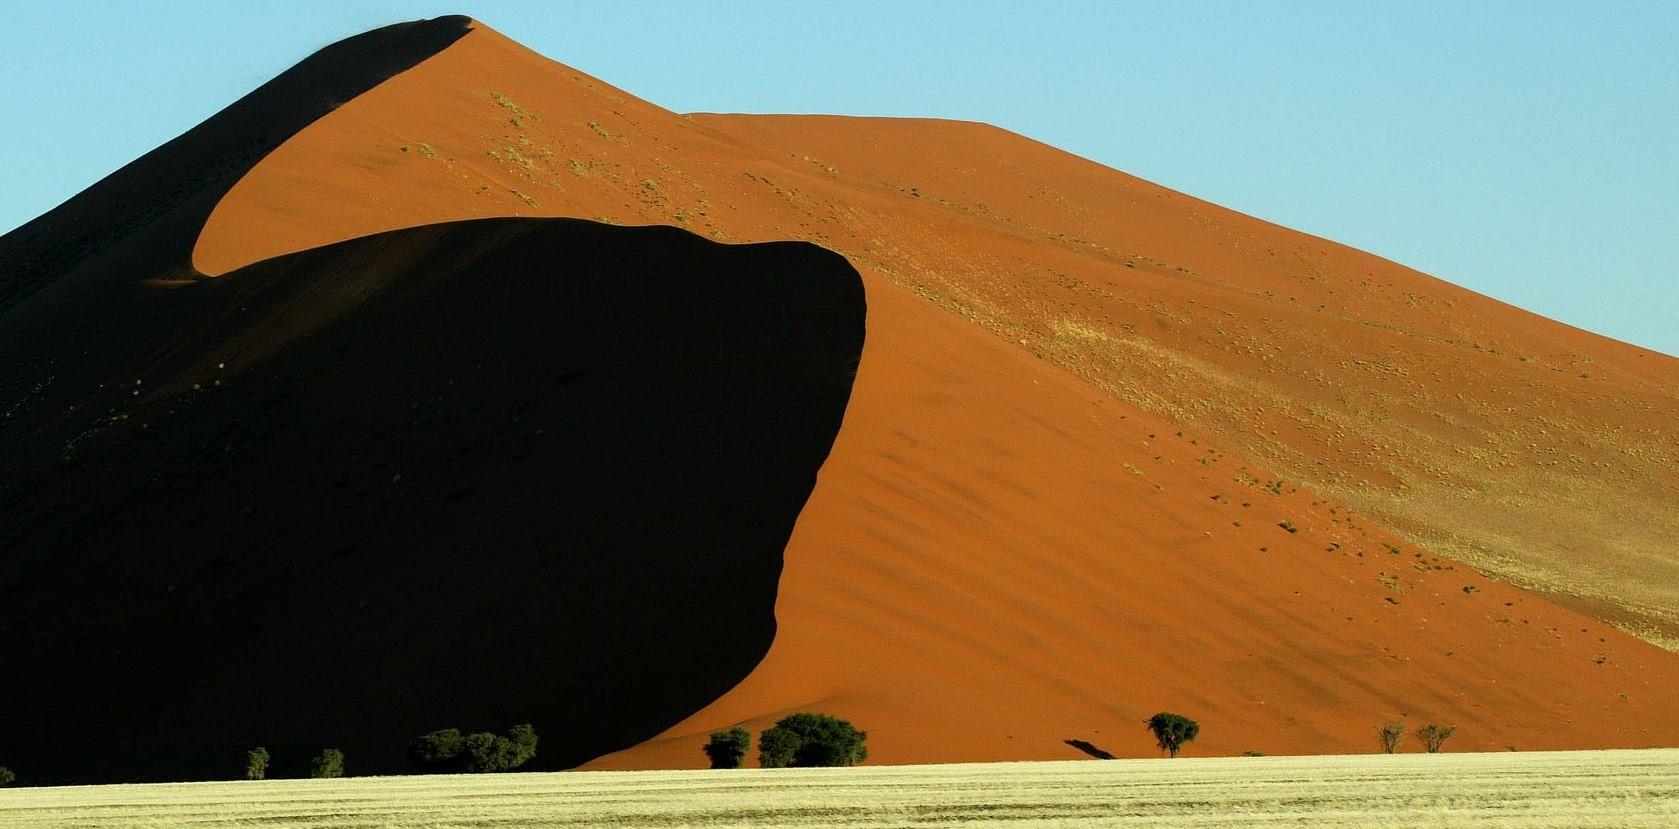 sossusvlei-sand-dune-namibia